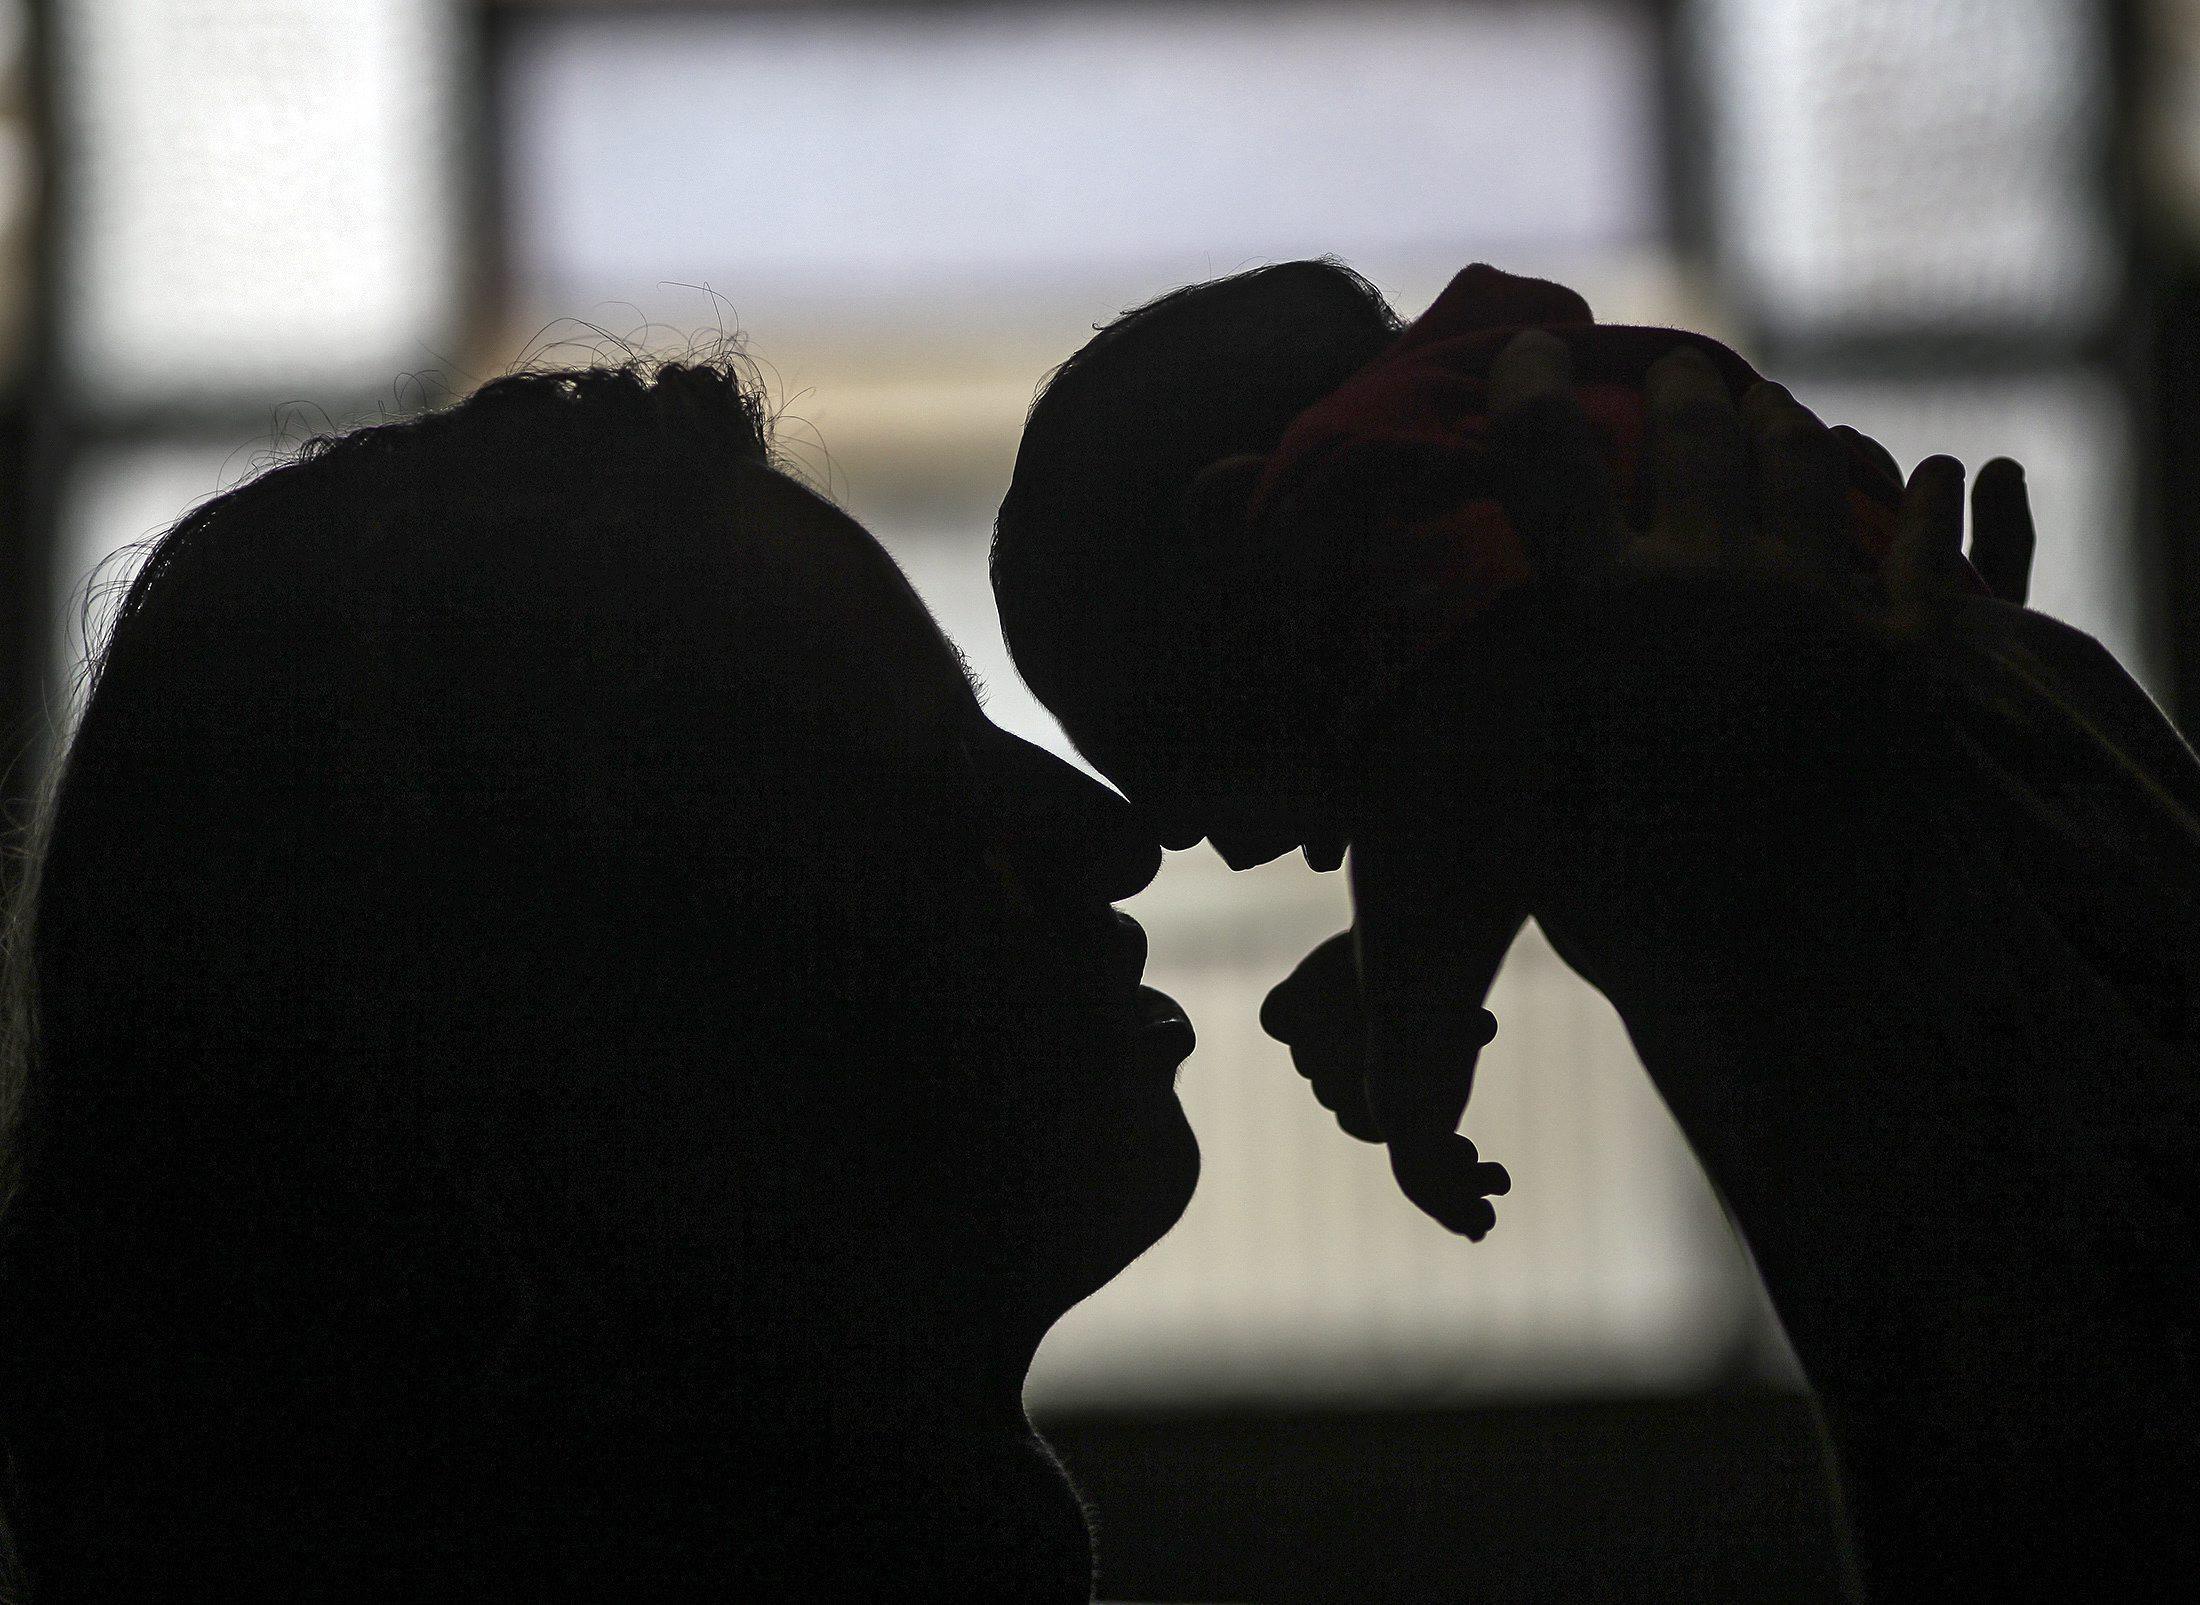 Gravidanza: i diritti dei futuri genitori in una guida utile